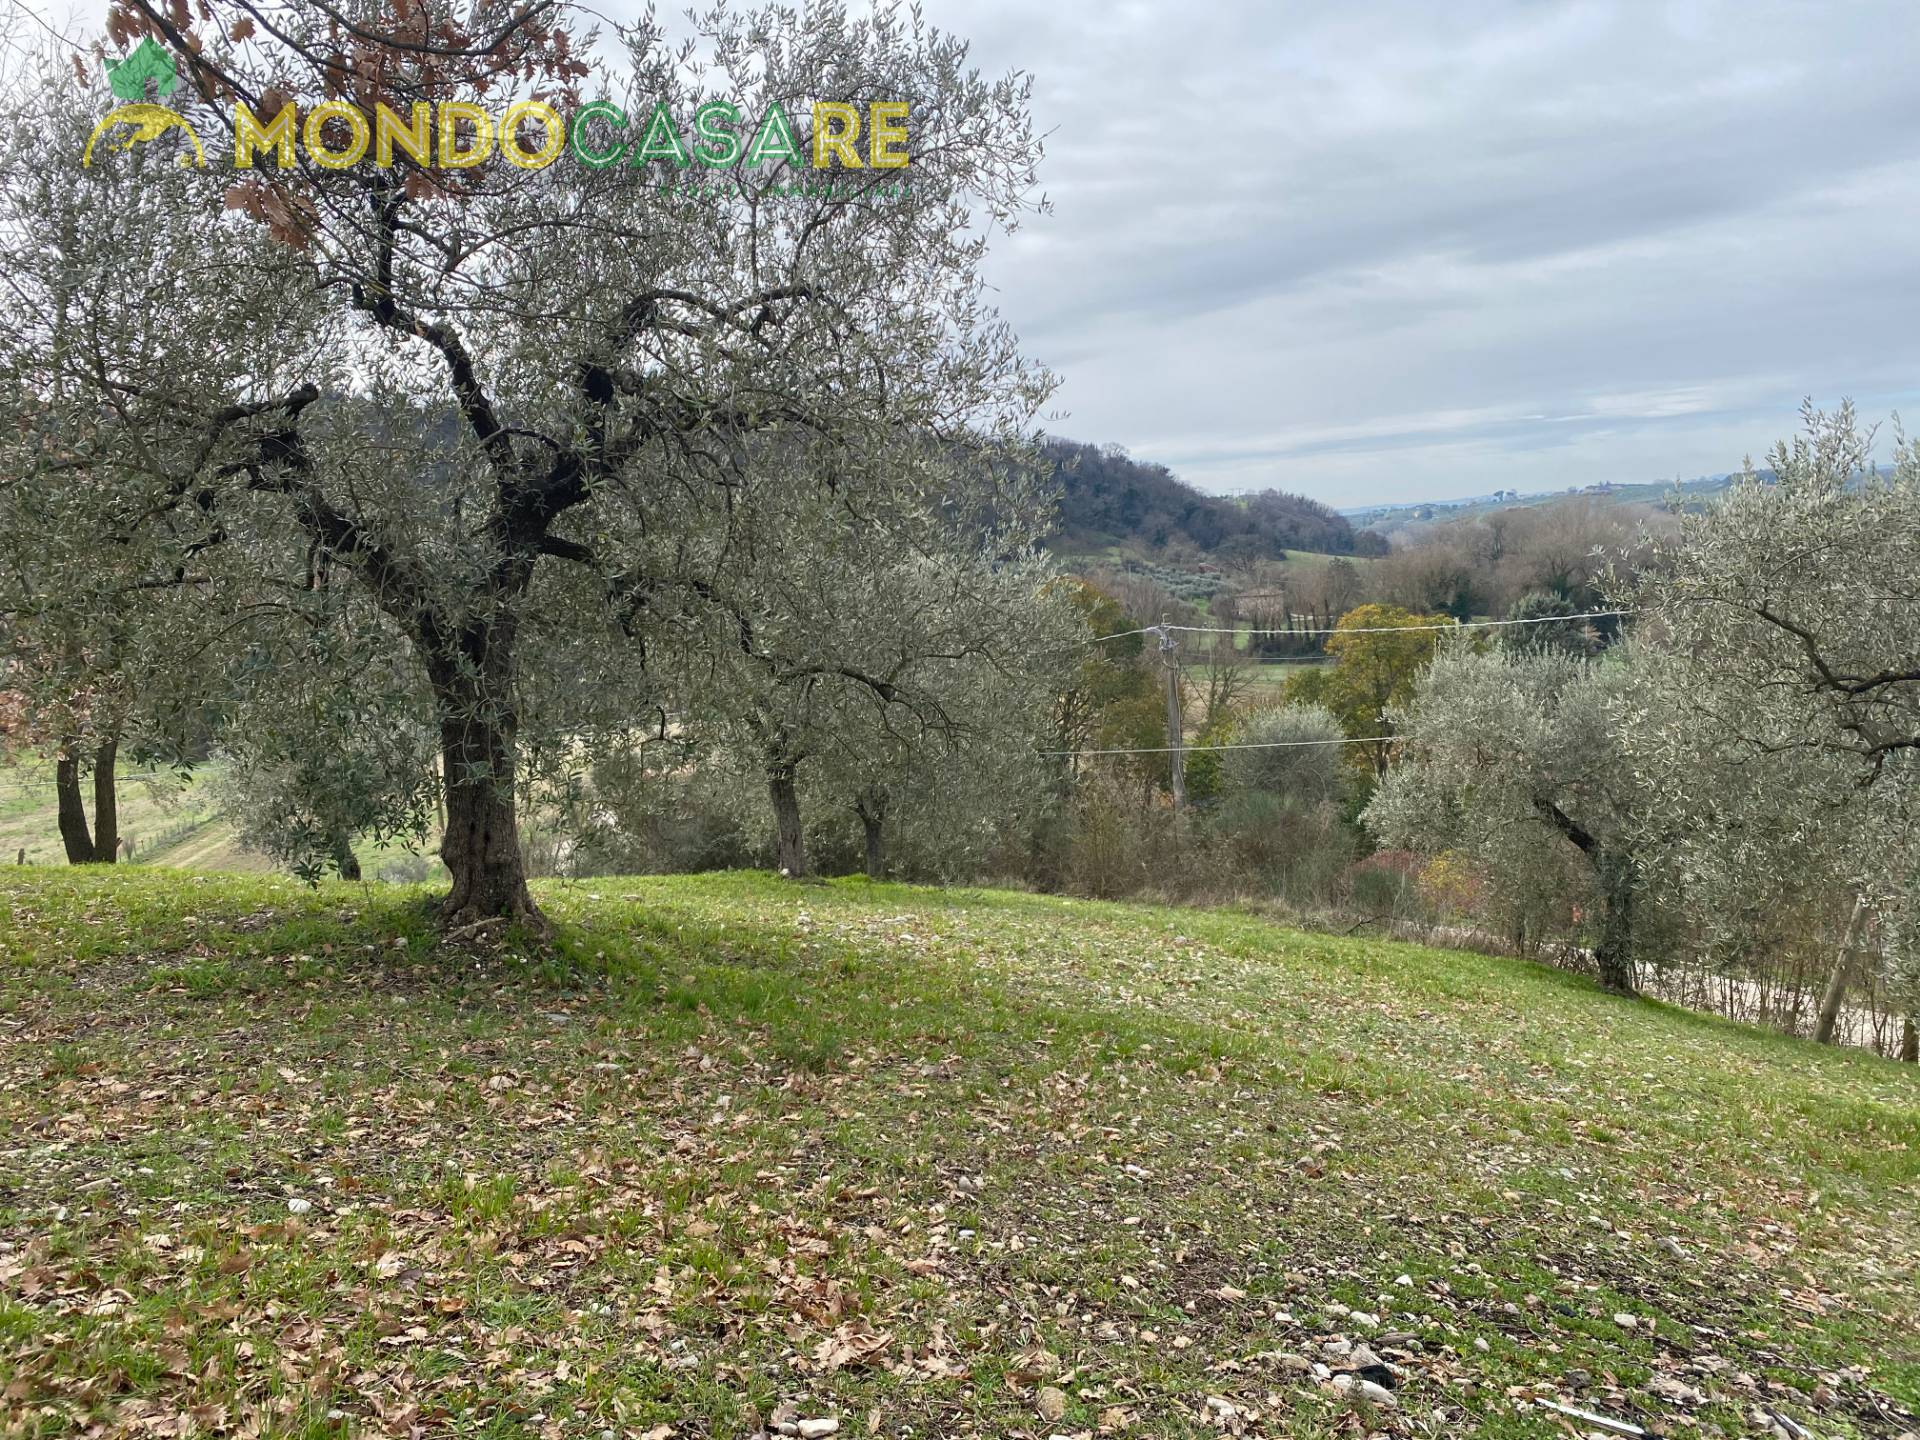 Terreno Agricolo in vendita a Fara in Sabina, 9999 locali, zona Zona: Talocci, prezzo € 10.000 | CambioCasa.it